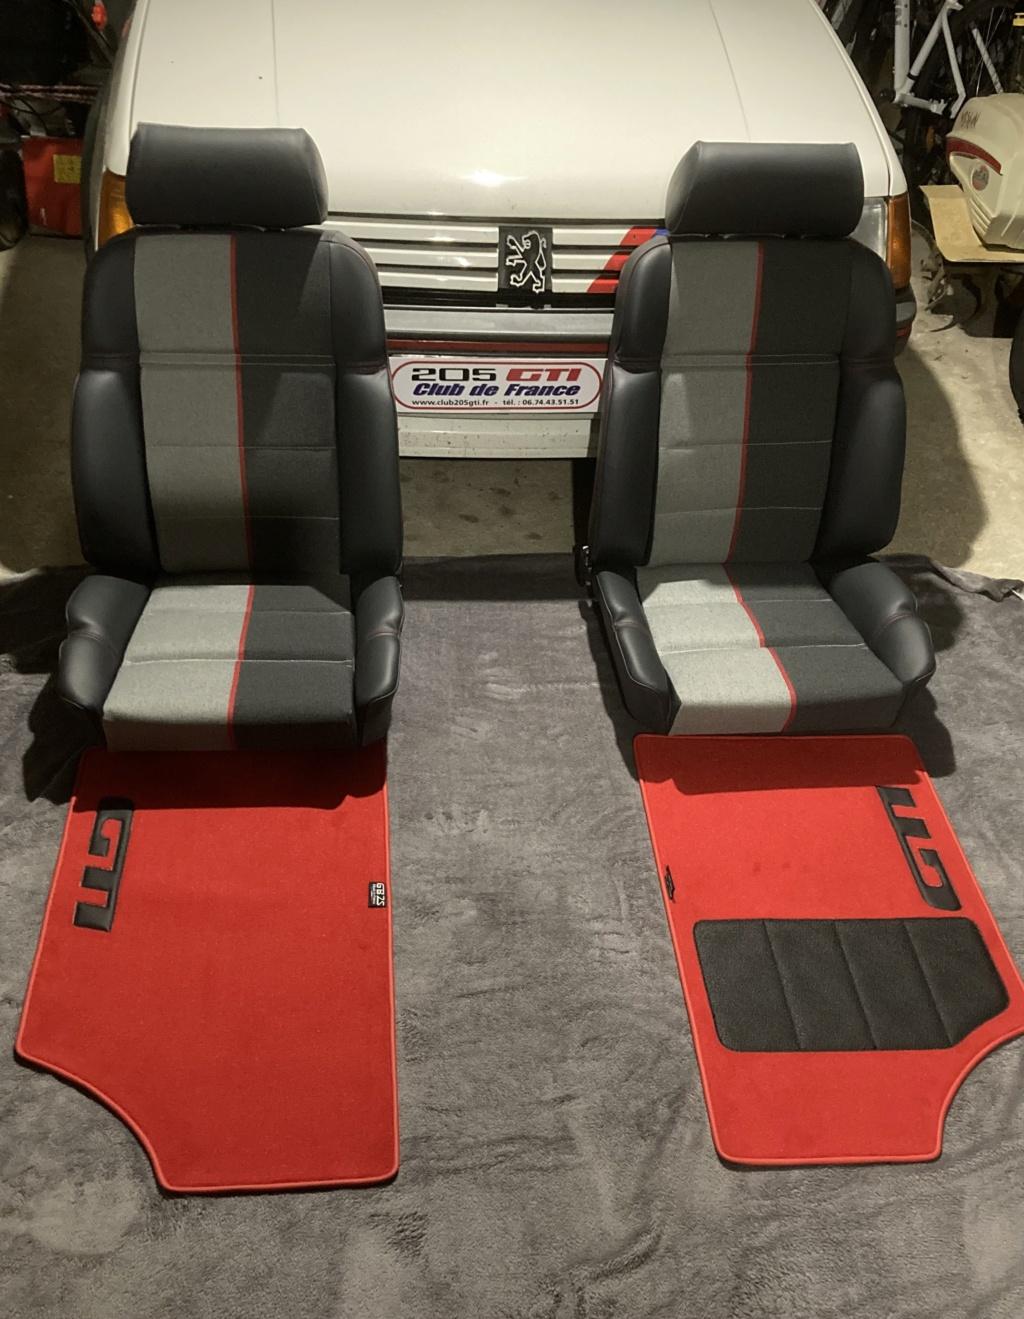 [58] 205 GTi 1.9 - 130cv - AM88 - Blanc Meije  10805a10